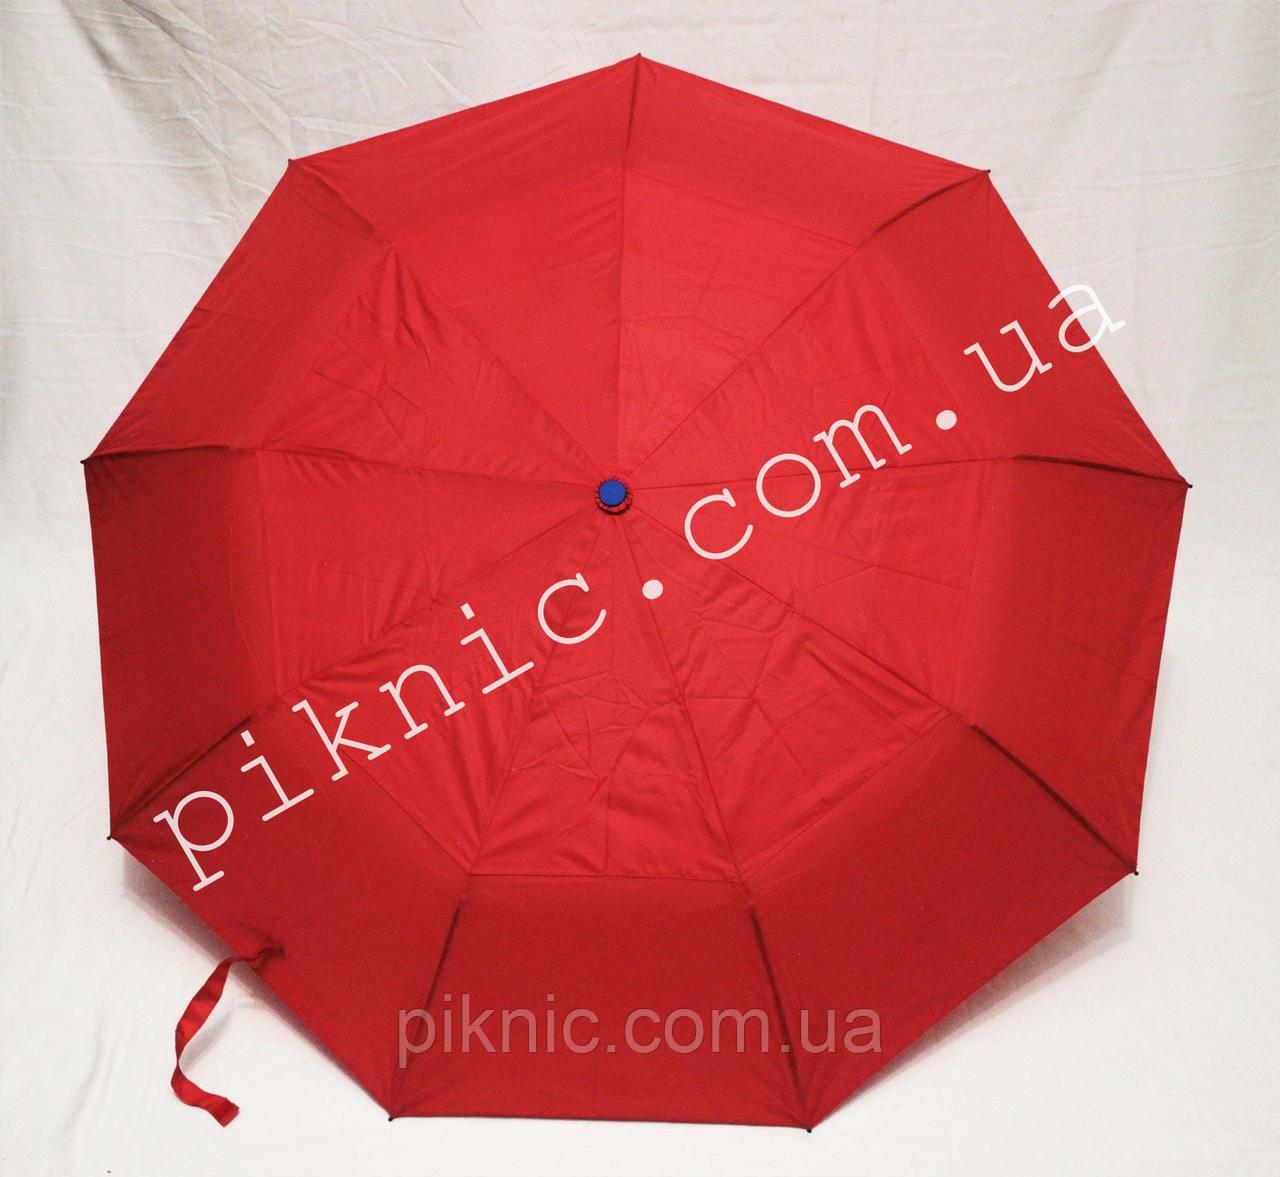 Женский зонт складной с ветровым клапаном полуавтомат. Зонтик от дождя. Алый